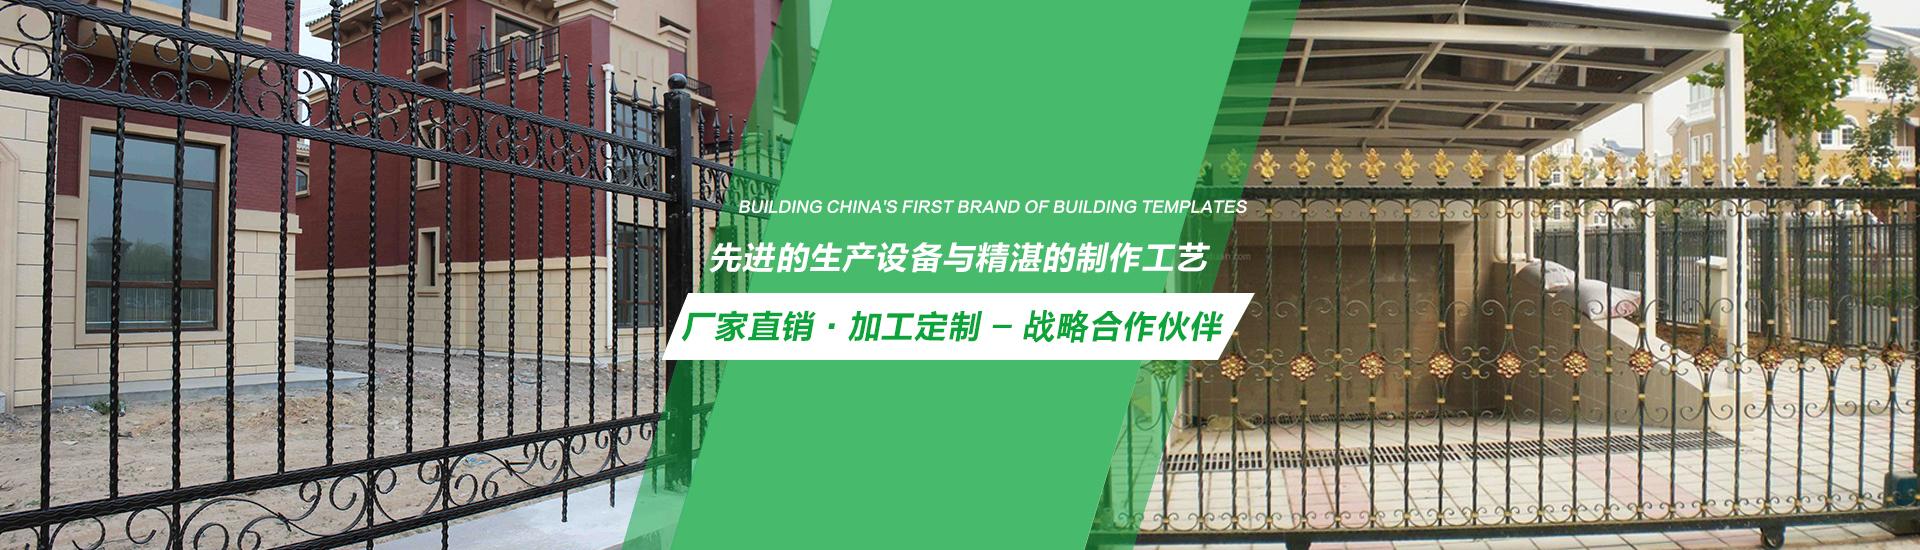 别墅铝艺护栏厂家-临朐浩亿金属制品有限公司